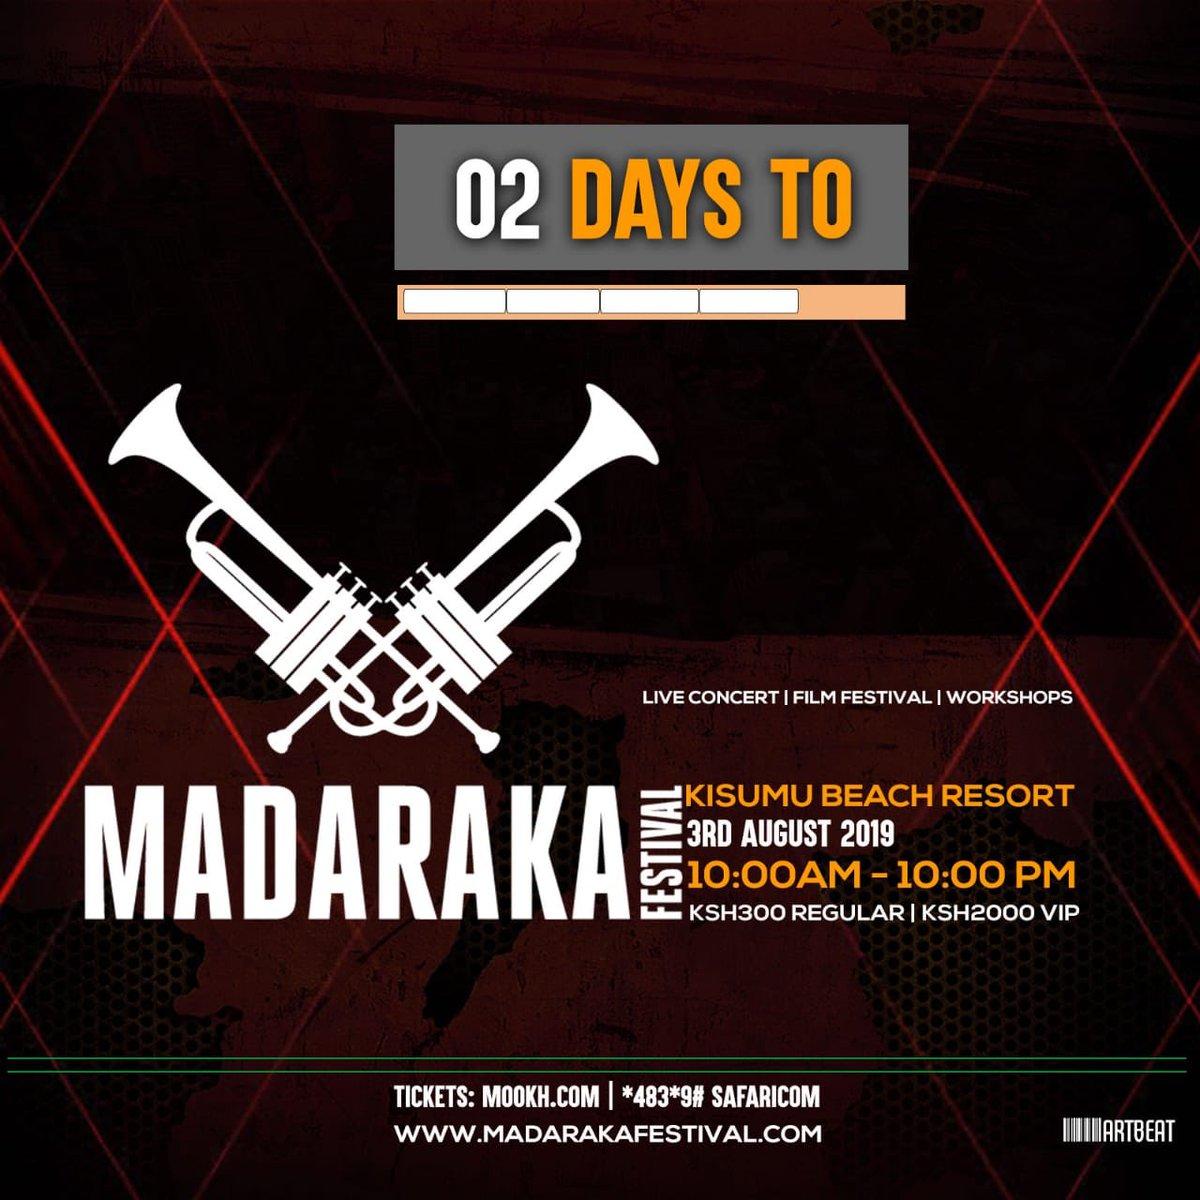 Good morning Nairobi. I am here for @MadarakaFest254 #MadarakaFest2019